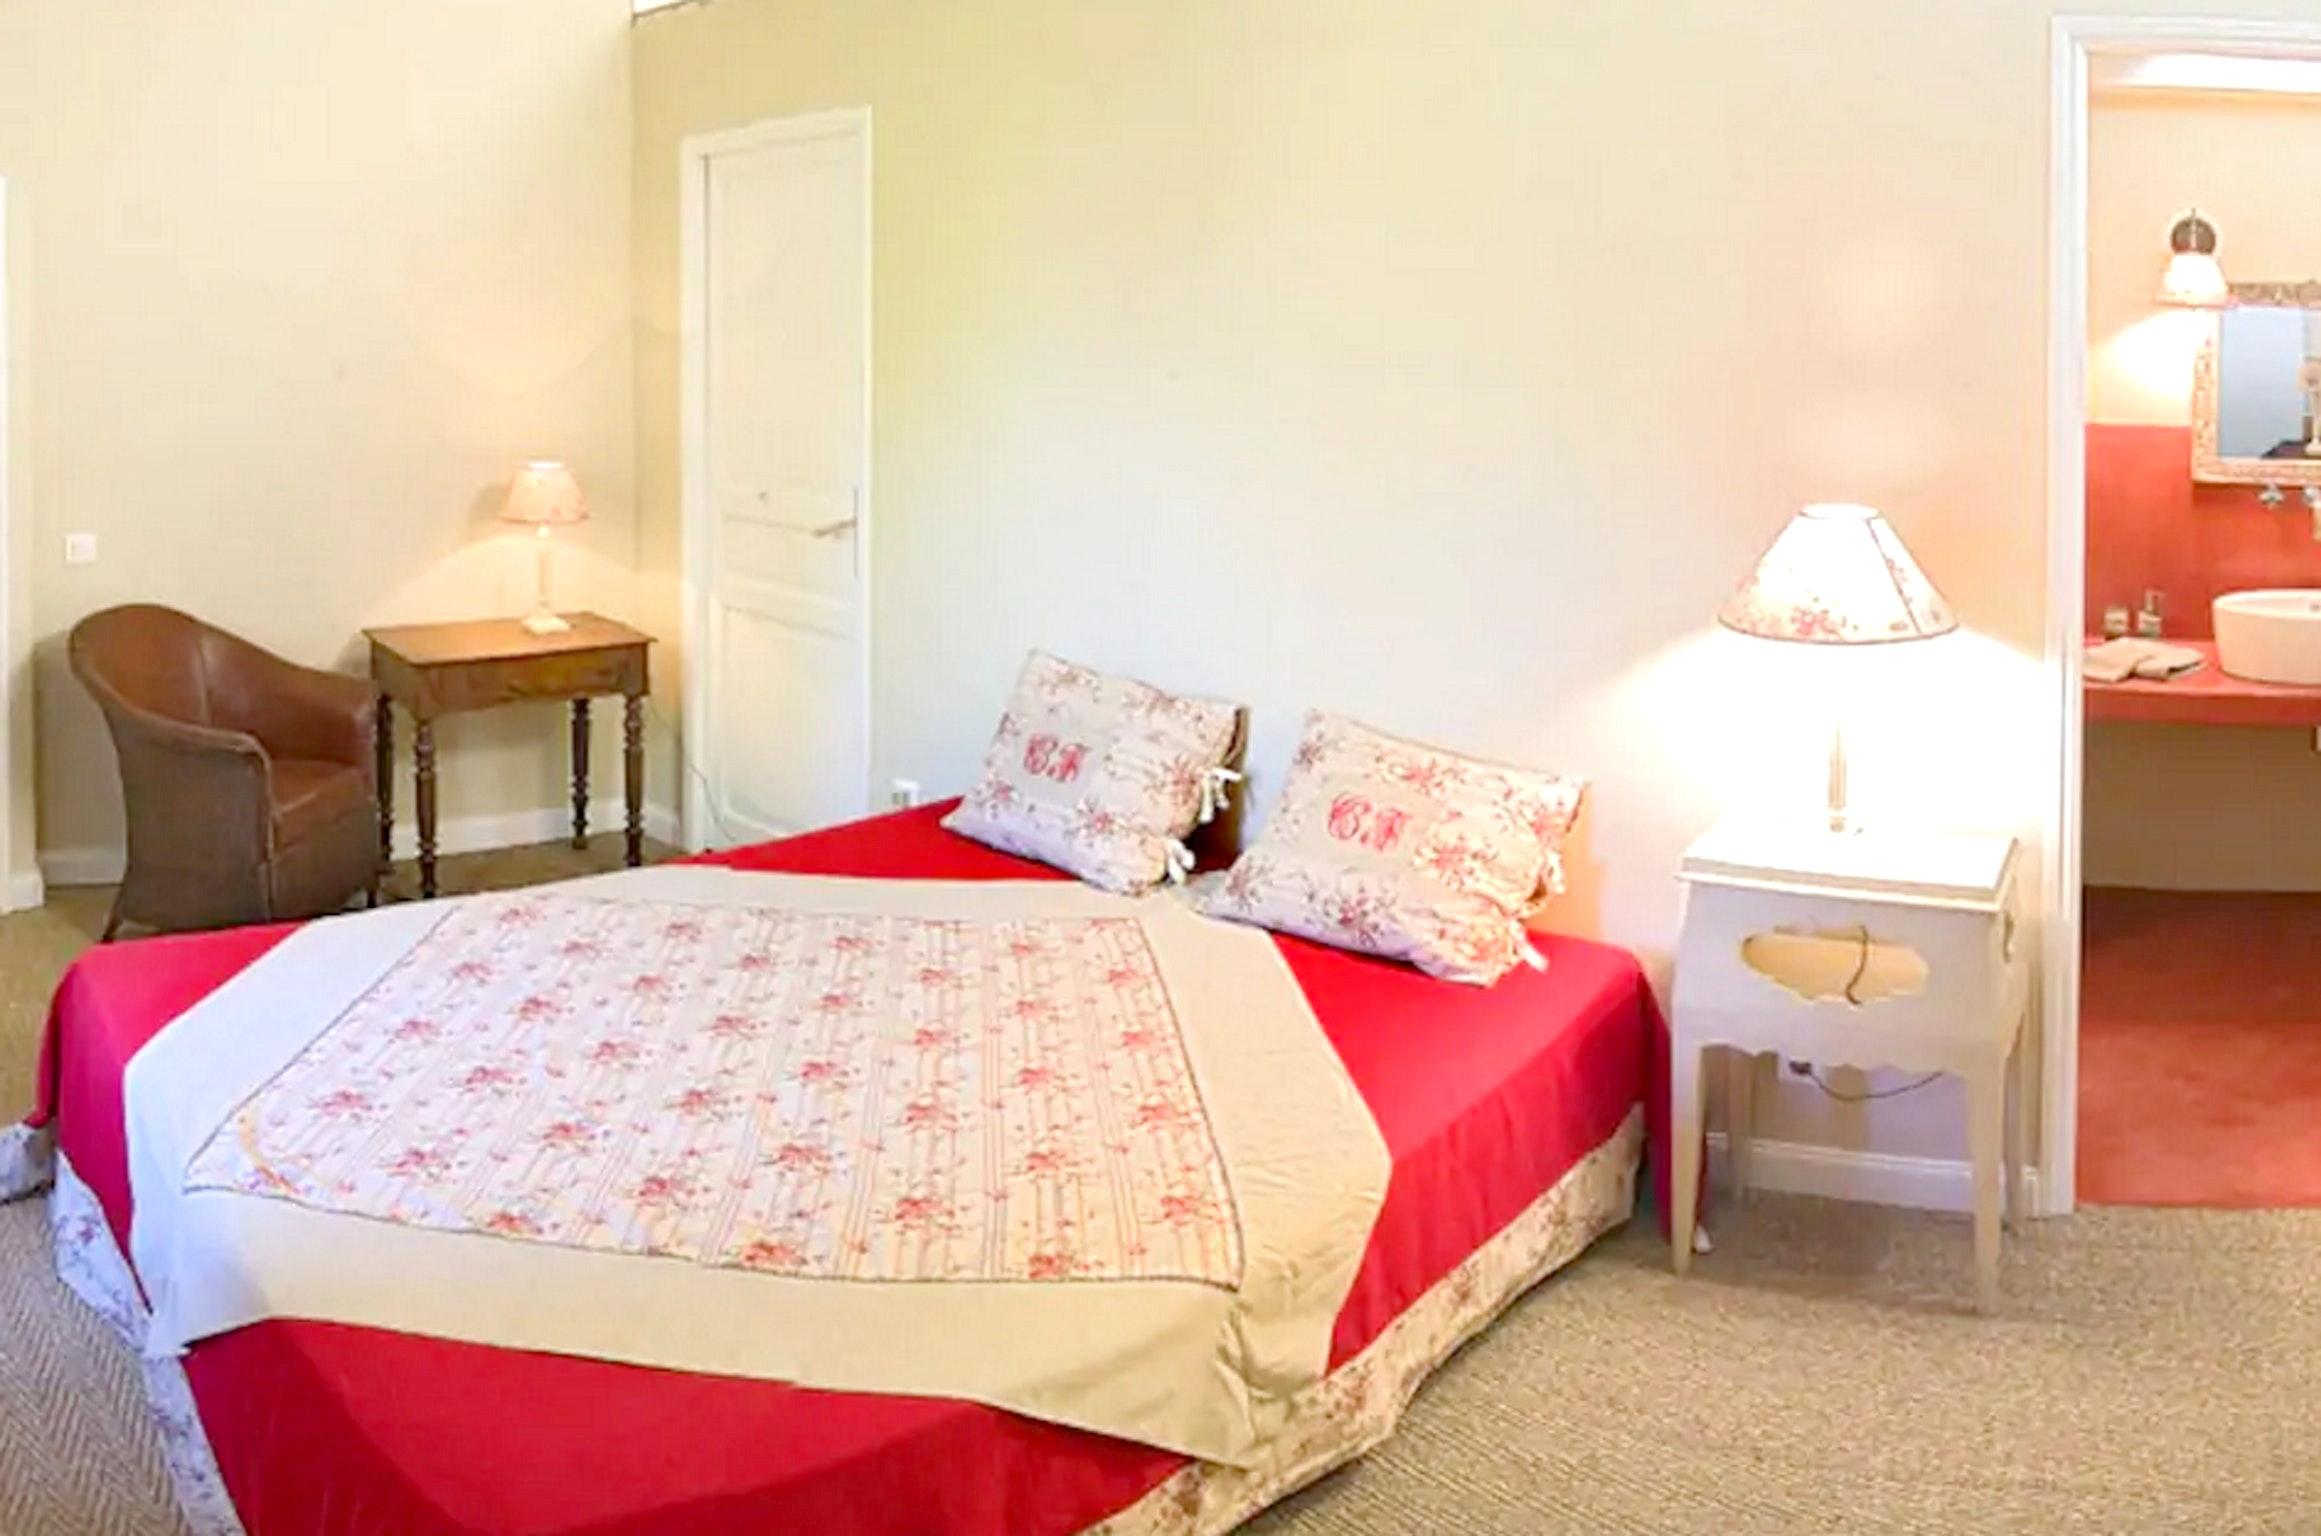 Maison de vacances Villa mit 6 Schlafzimmern in L'Isle-sur-la-Sorgue mit privatem Pool, möbliertem Garten und (2647203), L'Isle sur la Sorgue, Vaucluse, Provence - Alpes - Côte d'Azur, France, image 59